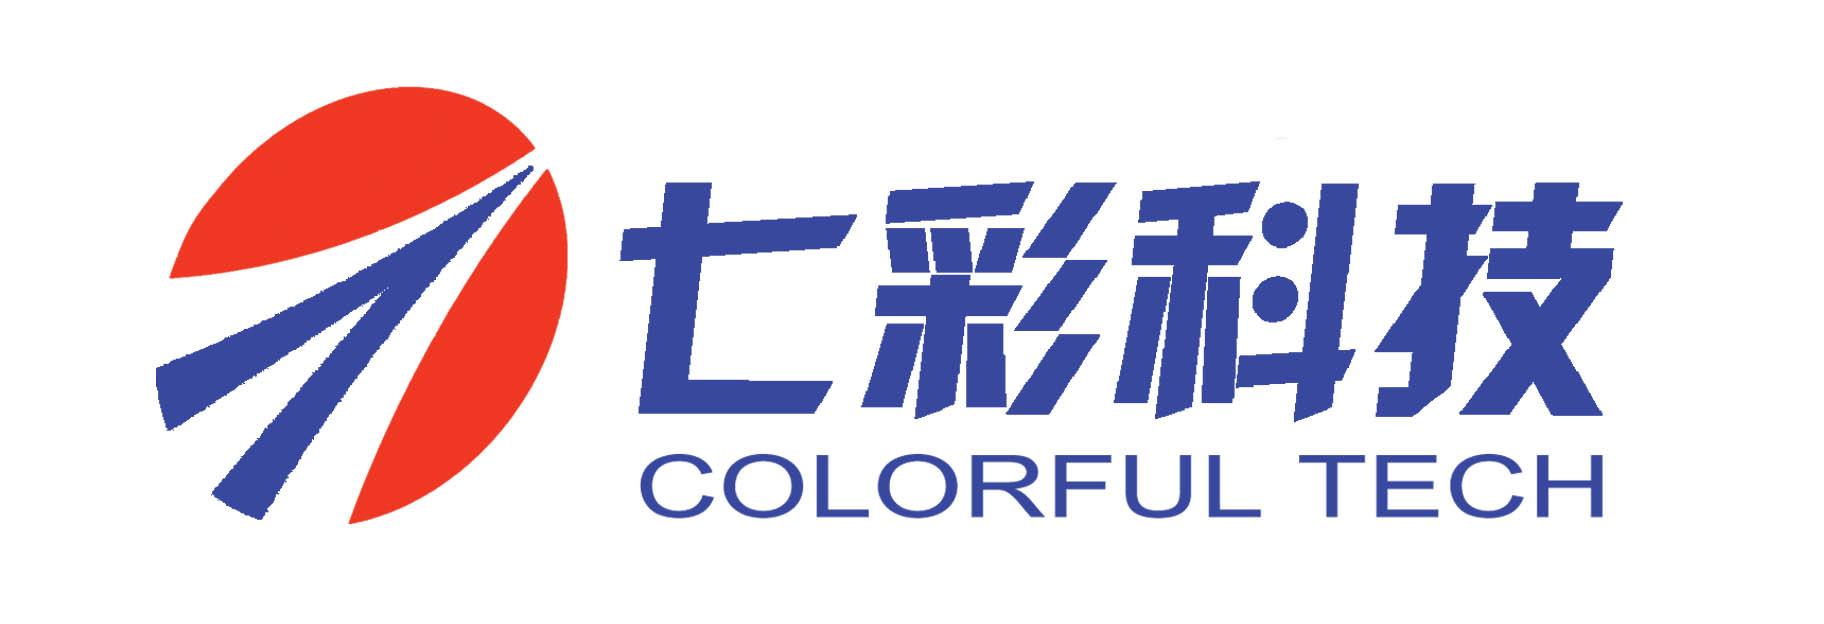 江蘇七彩建筑環境有限公司